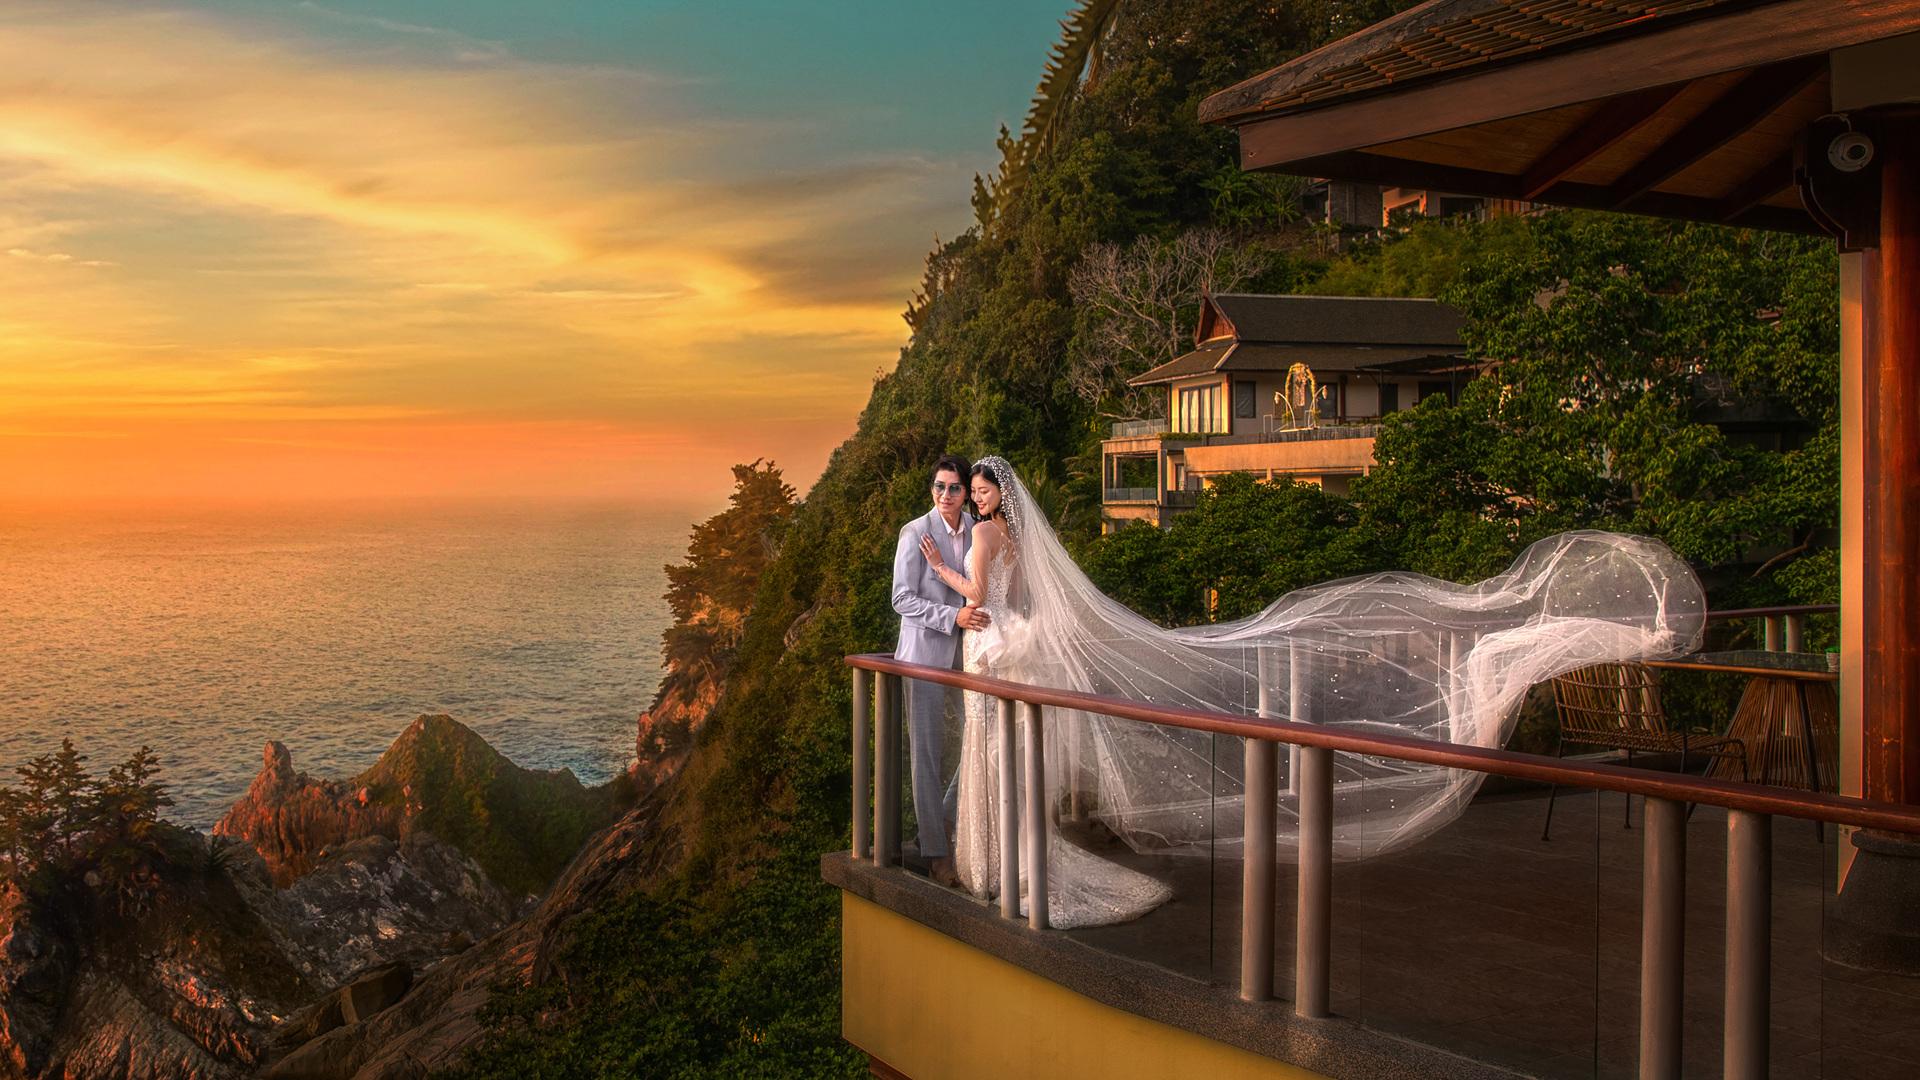 韩式婚纱照怎么搭配服装 厦门韩式婚纱照拍摄攻略